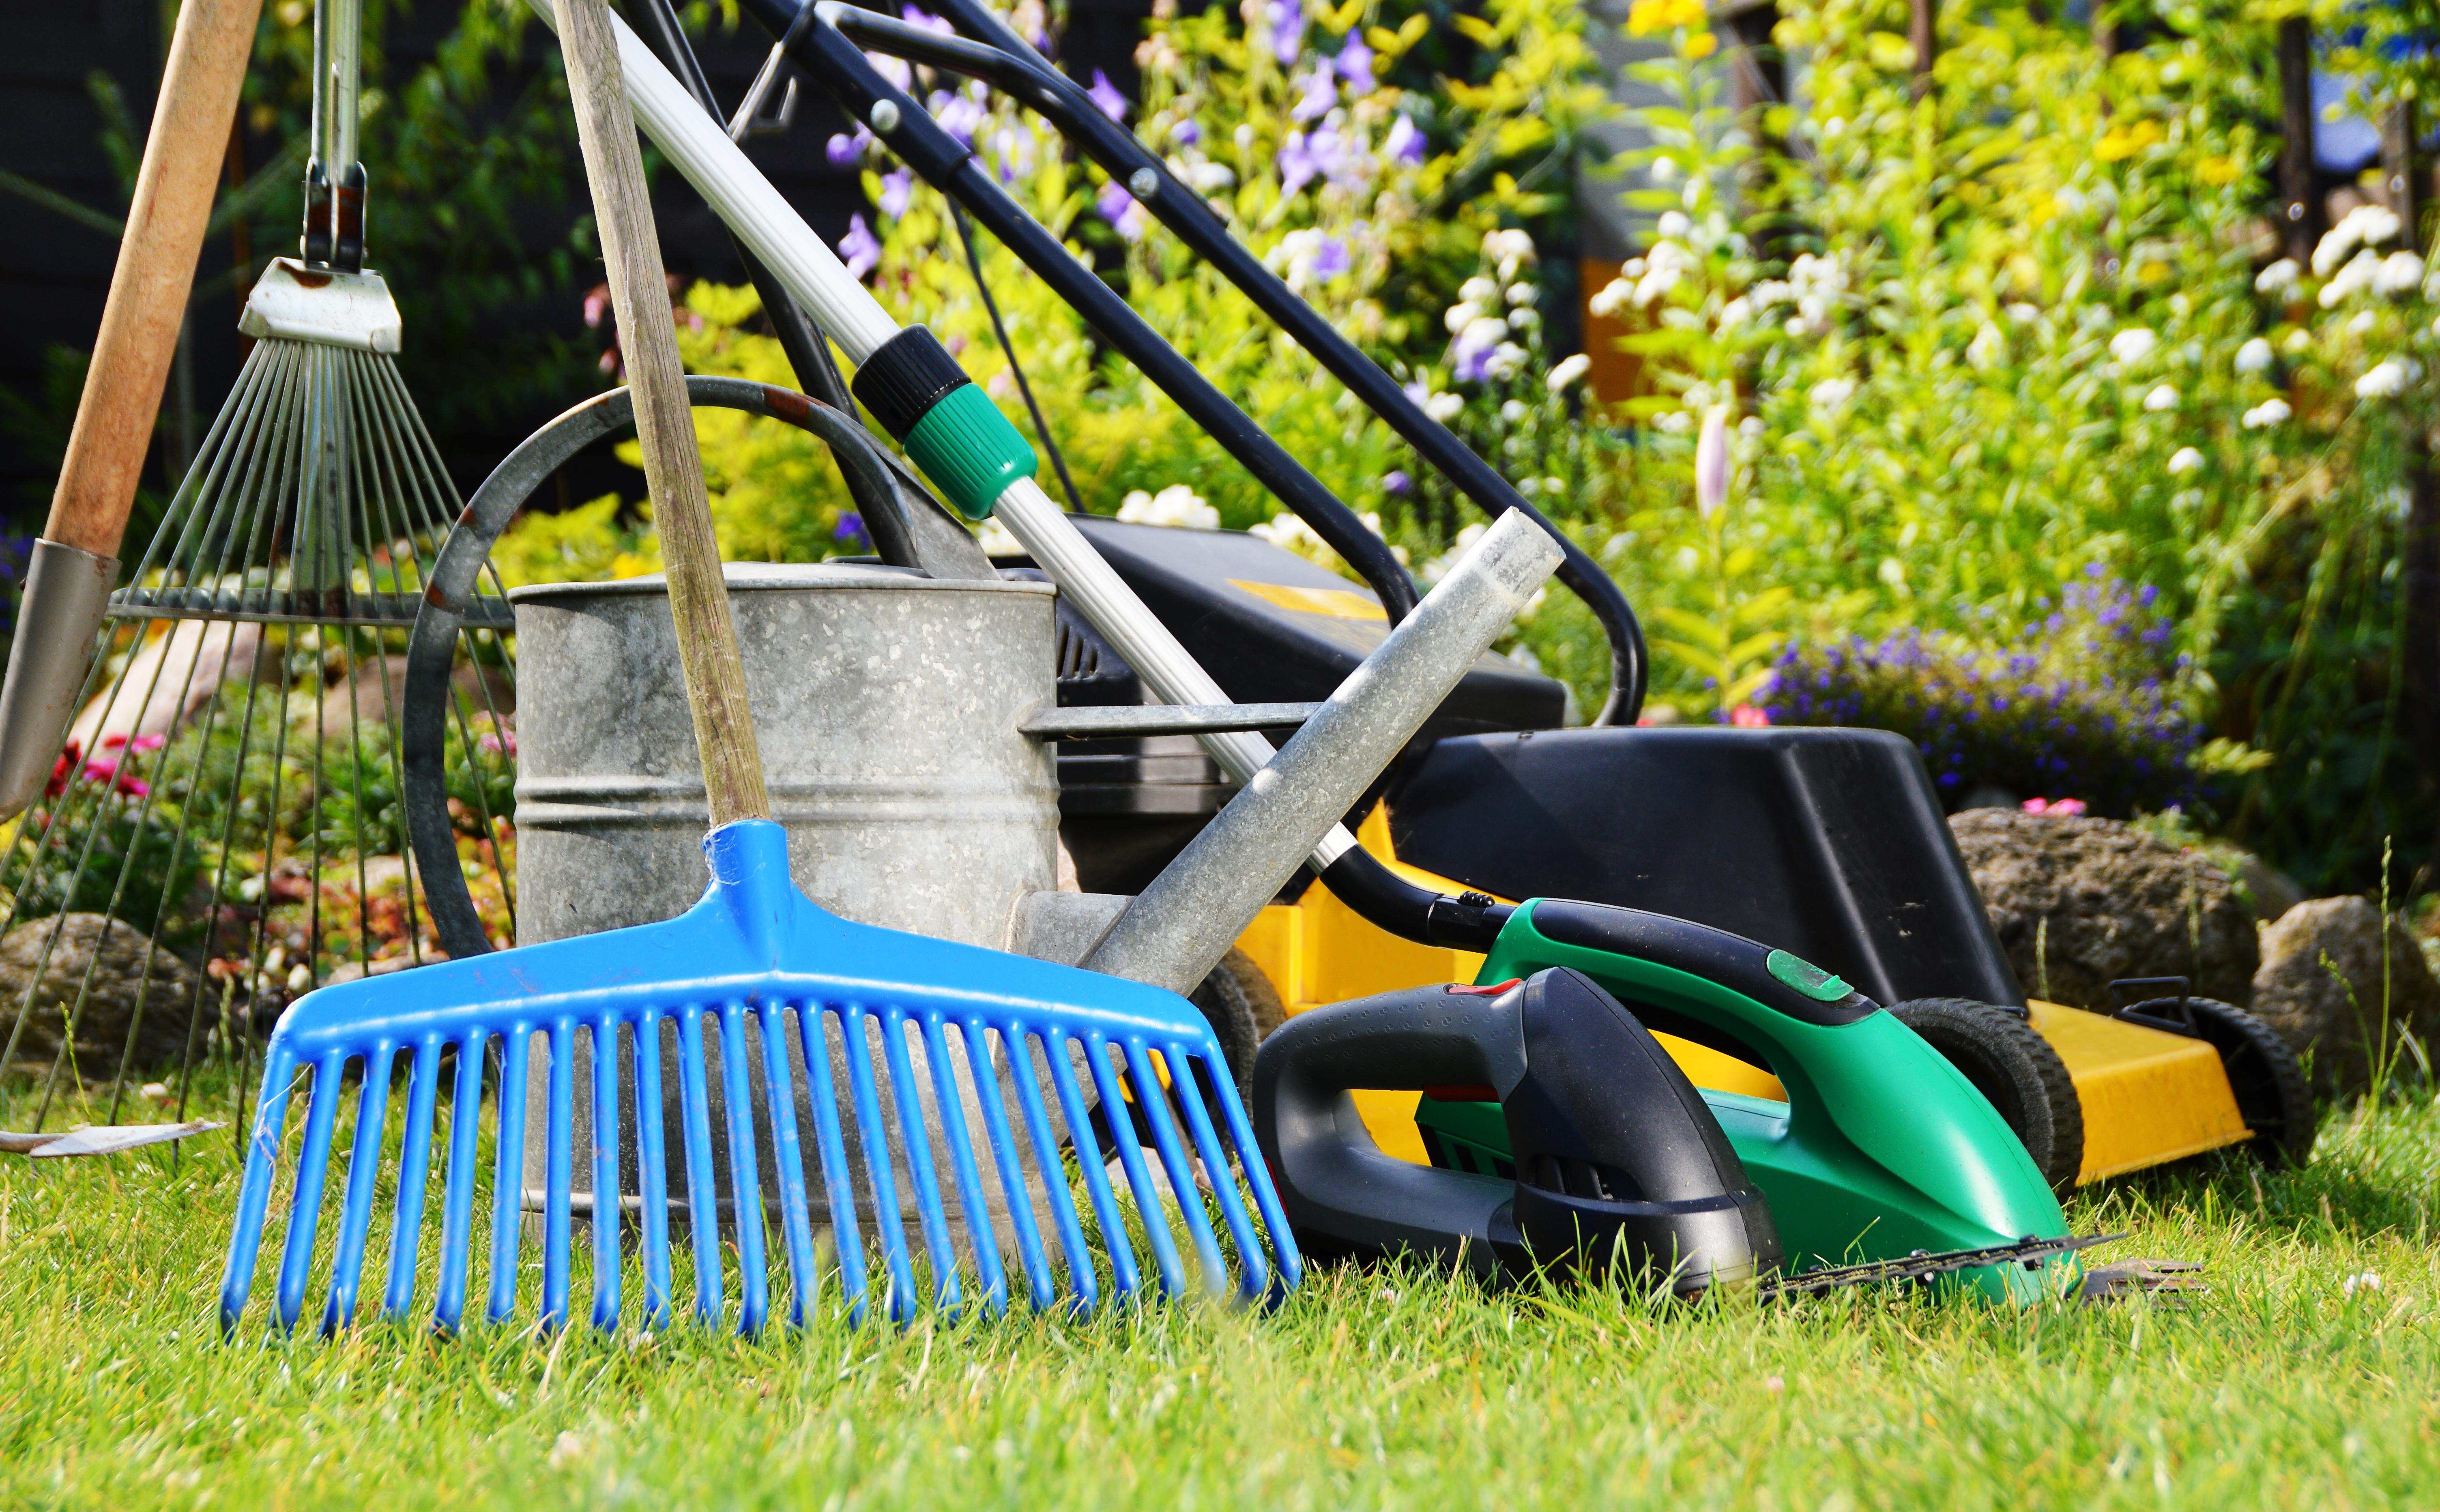 Jakie narzędzia ogrodnicze?